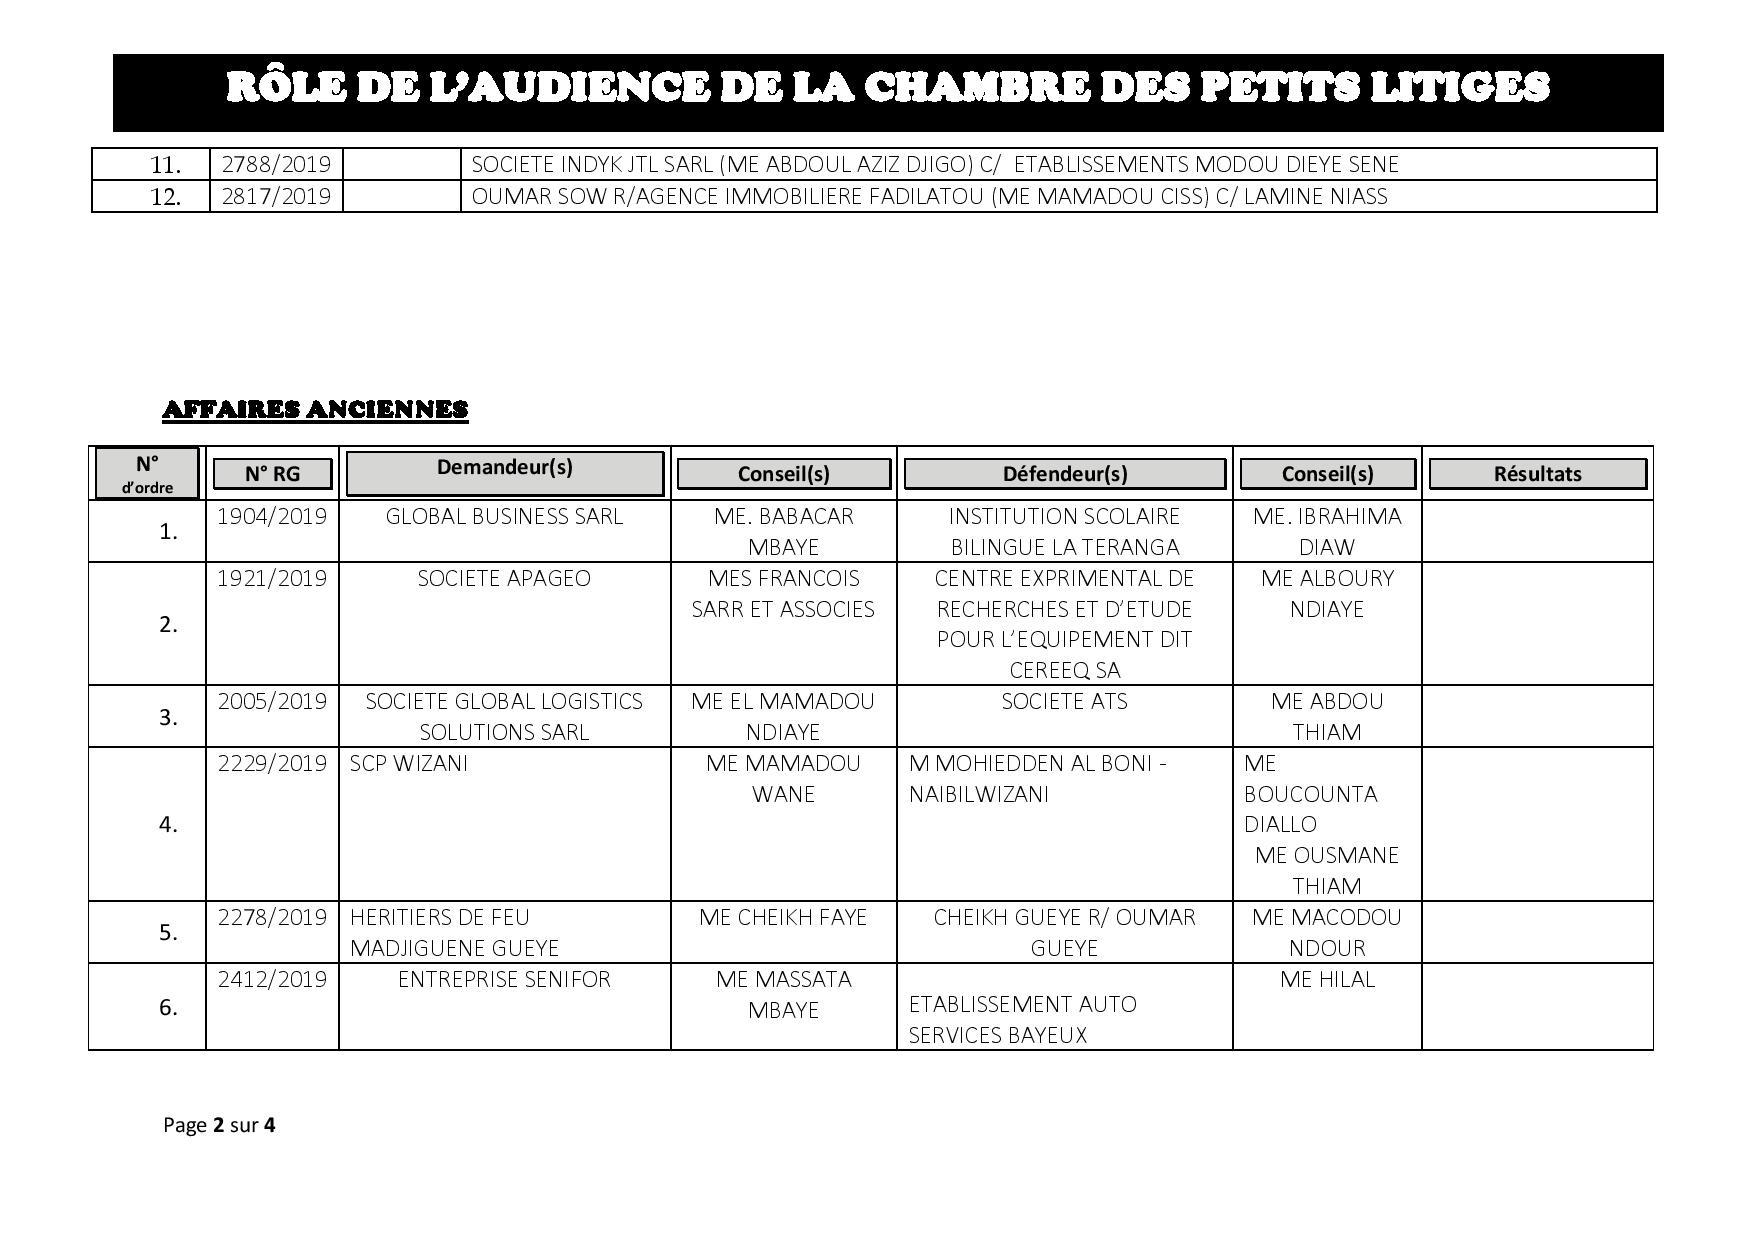 Tribunal du Commerce: Audiences de la Chambre des Petits Litiges de ce mardi 23 juillet